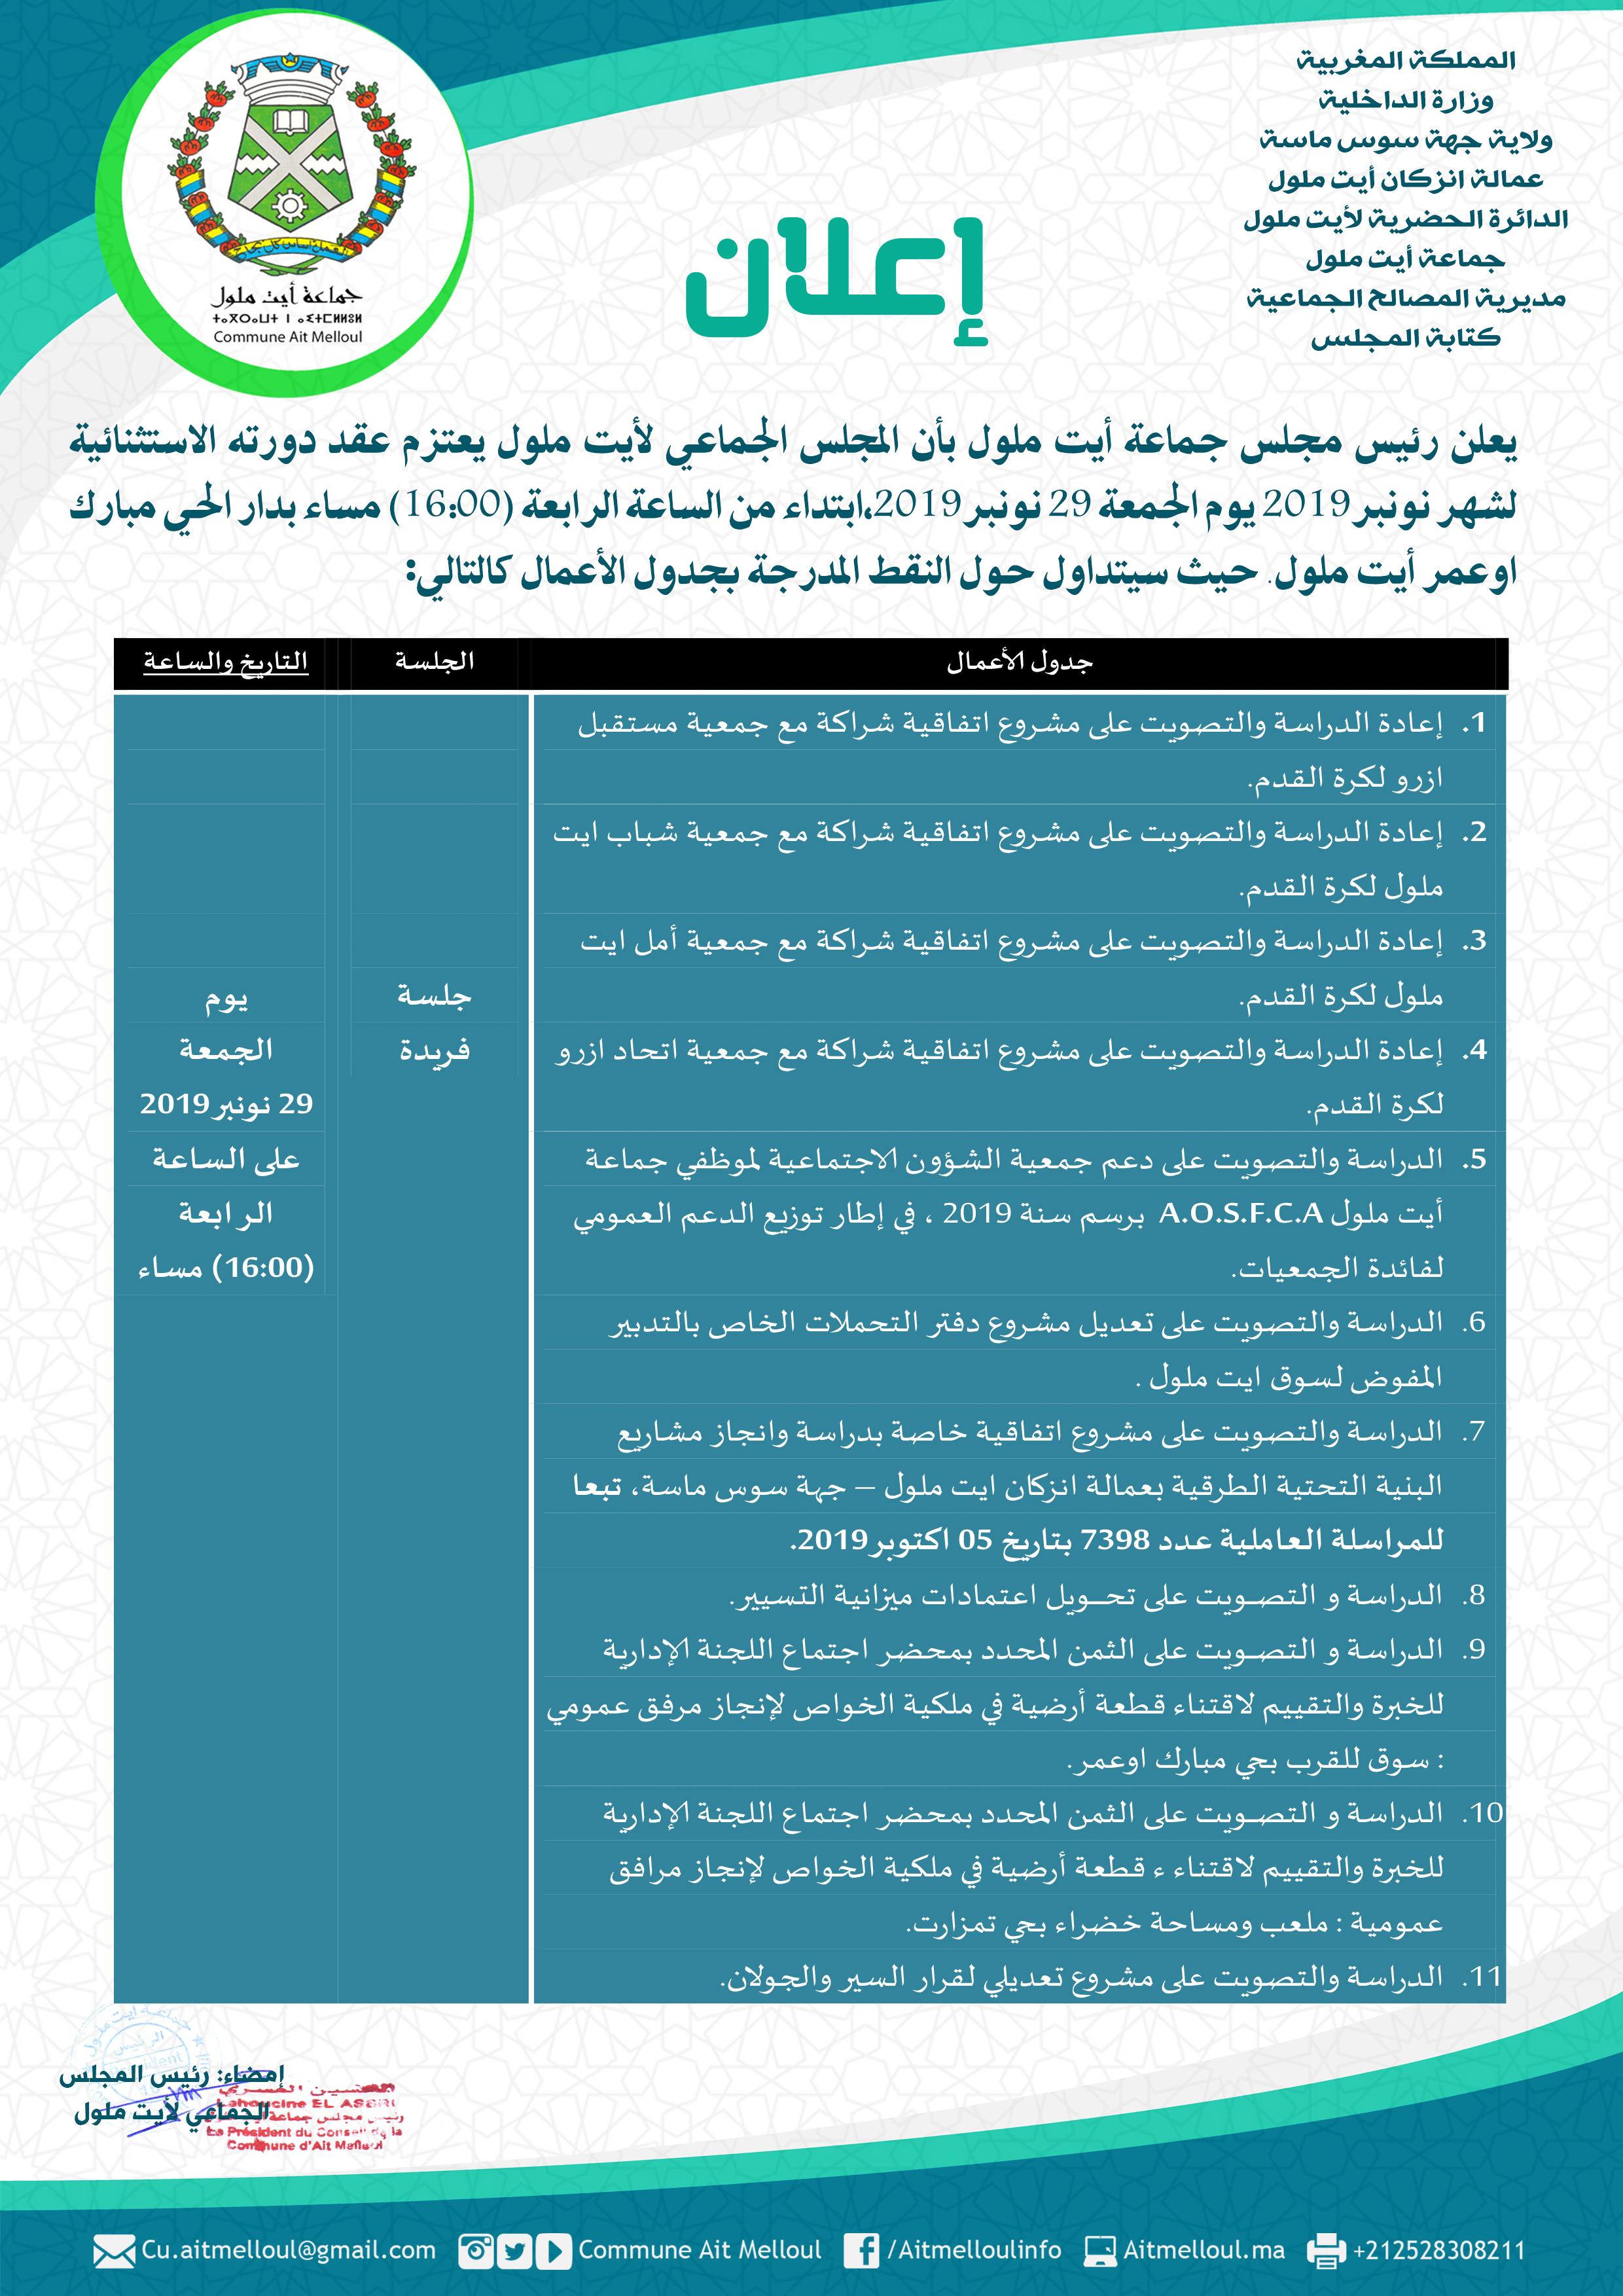 المجلس الجماعي لأيت ملول يعقد دورة إستثنائية لشهر نونبر 2019 وهذه هي النقط المدرجة